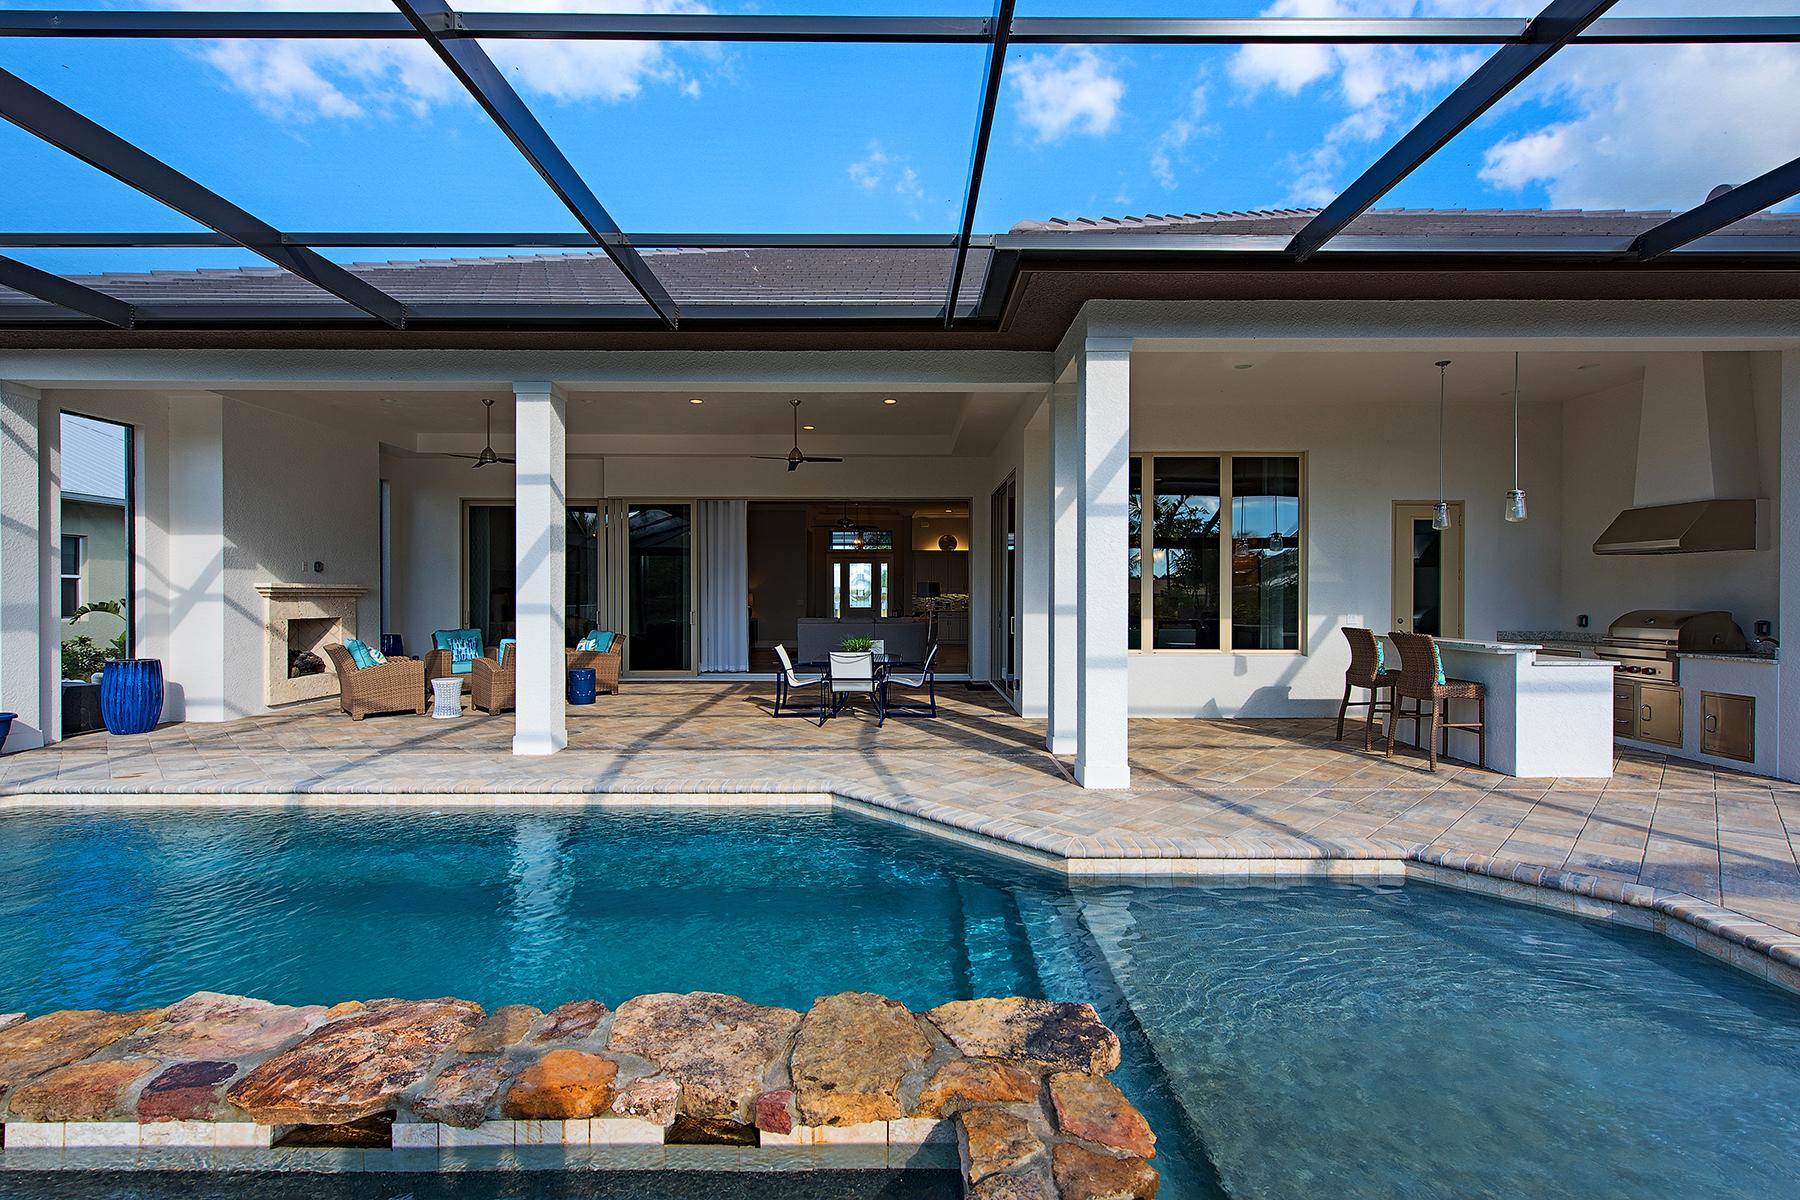 Частный односемейный дом для того Продажа на PARROT CAY 14183 Charthouse Ct Naples, Флорида, 34114 Соединенные Штаты